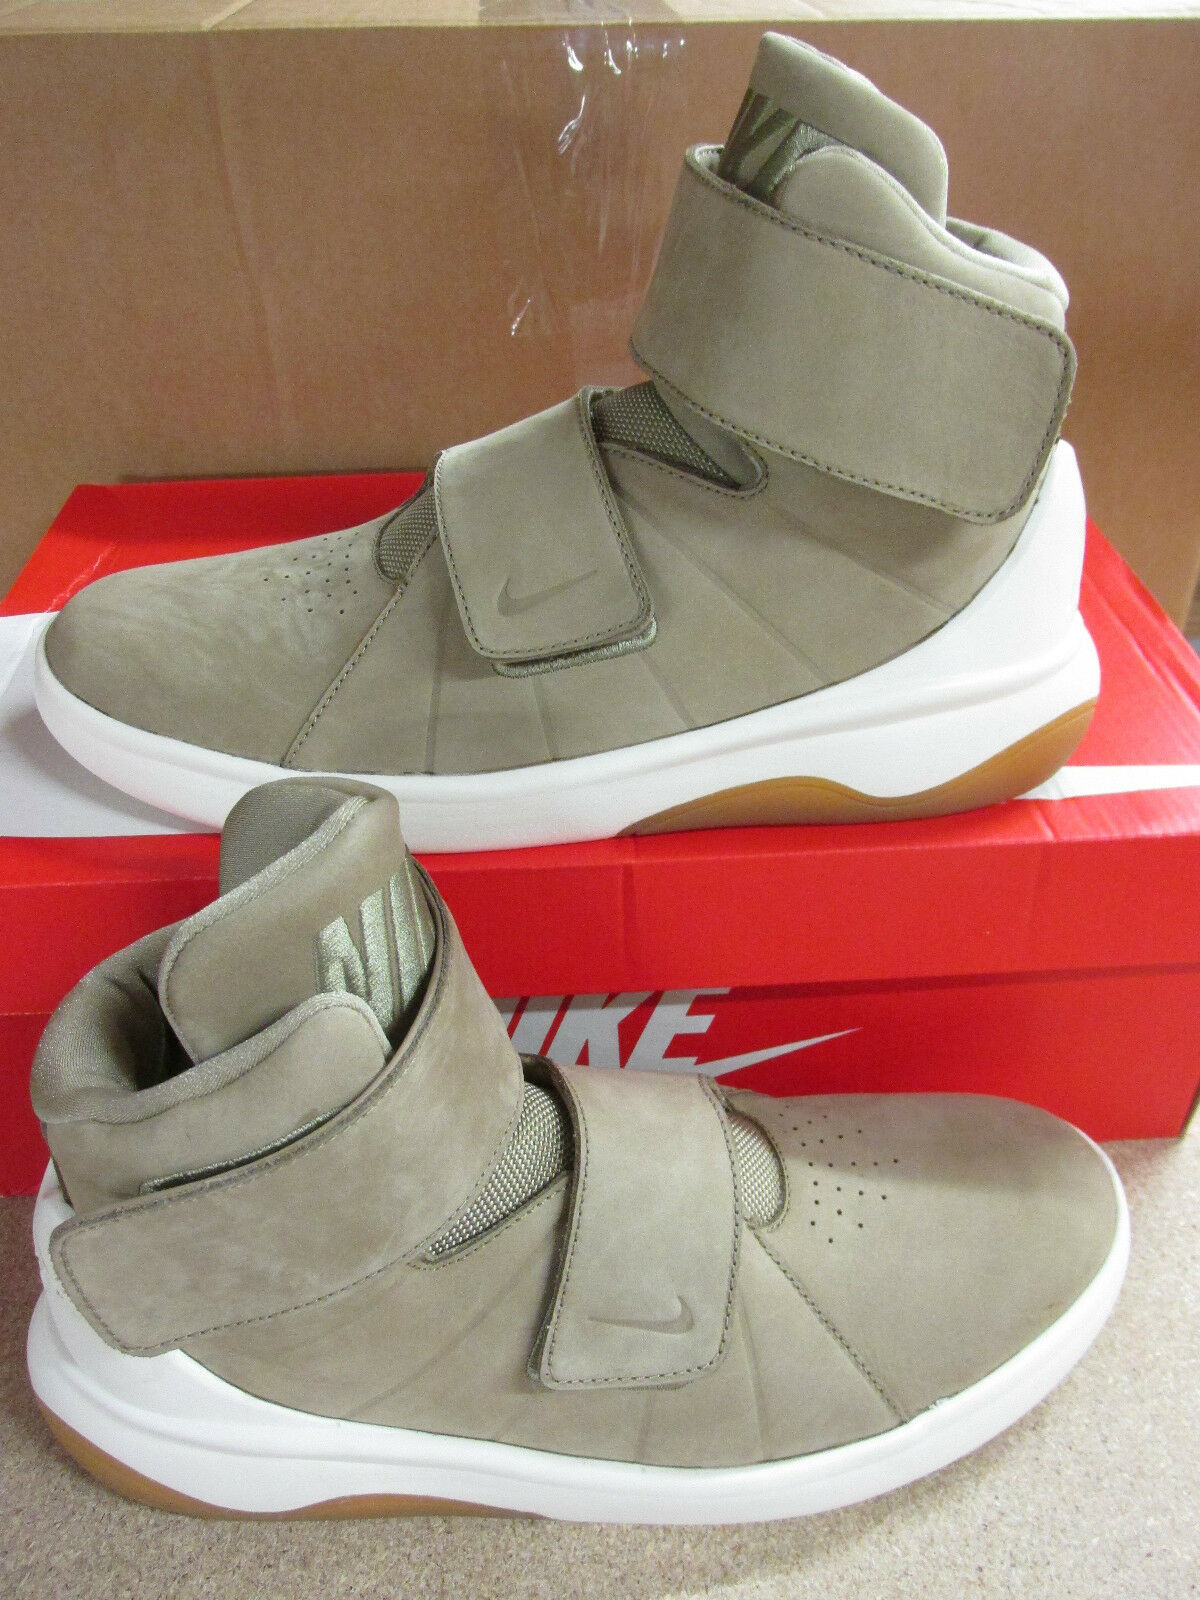 Nike Marxman PRM para Hombre Hi Top zapatos Entrenadores 832766 200 tenis zapatos Top de baloncesto 5d4d80